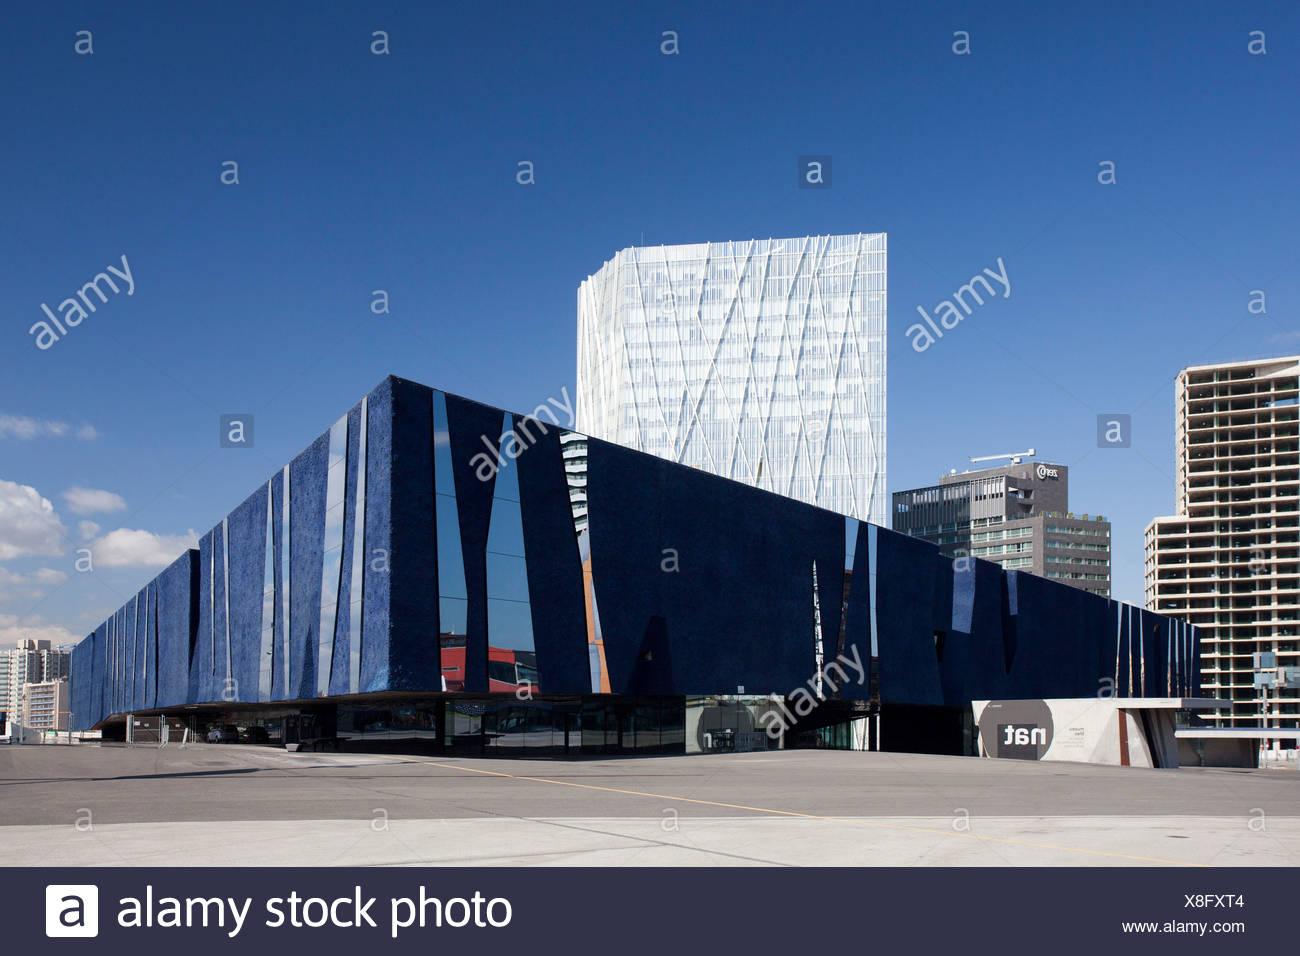 Spain, Europe, Catalunya, Barcelona, Diagonal Mar, Forum, - Stock Image